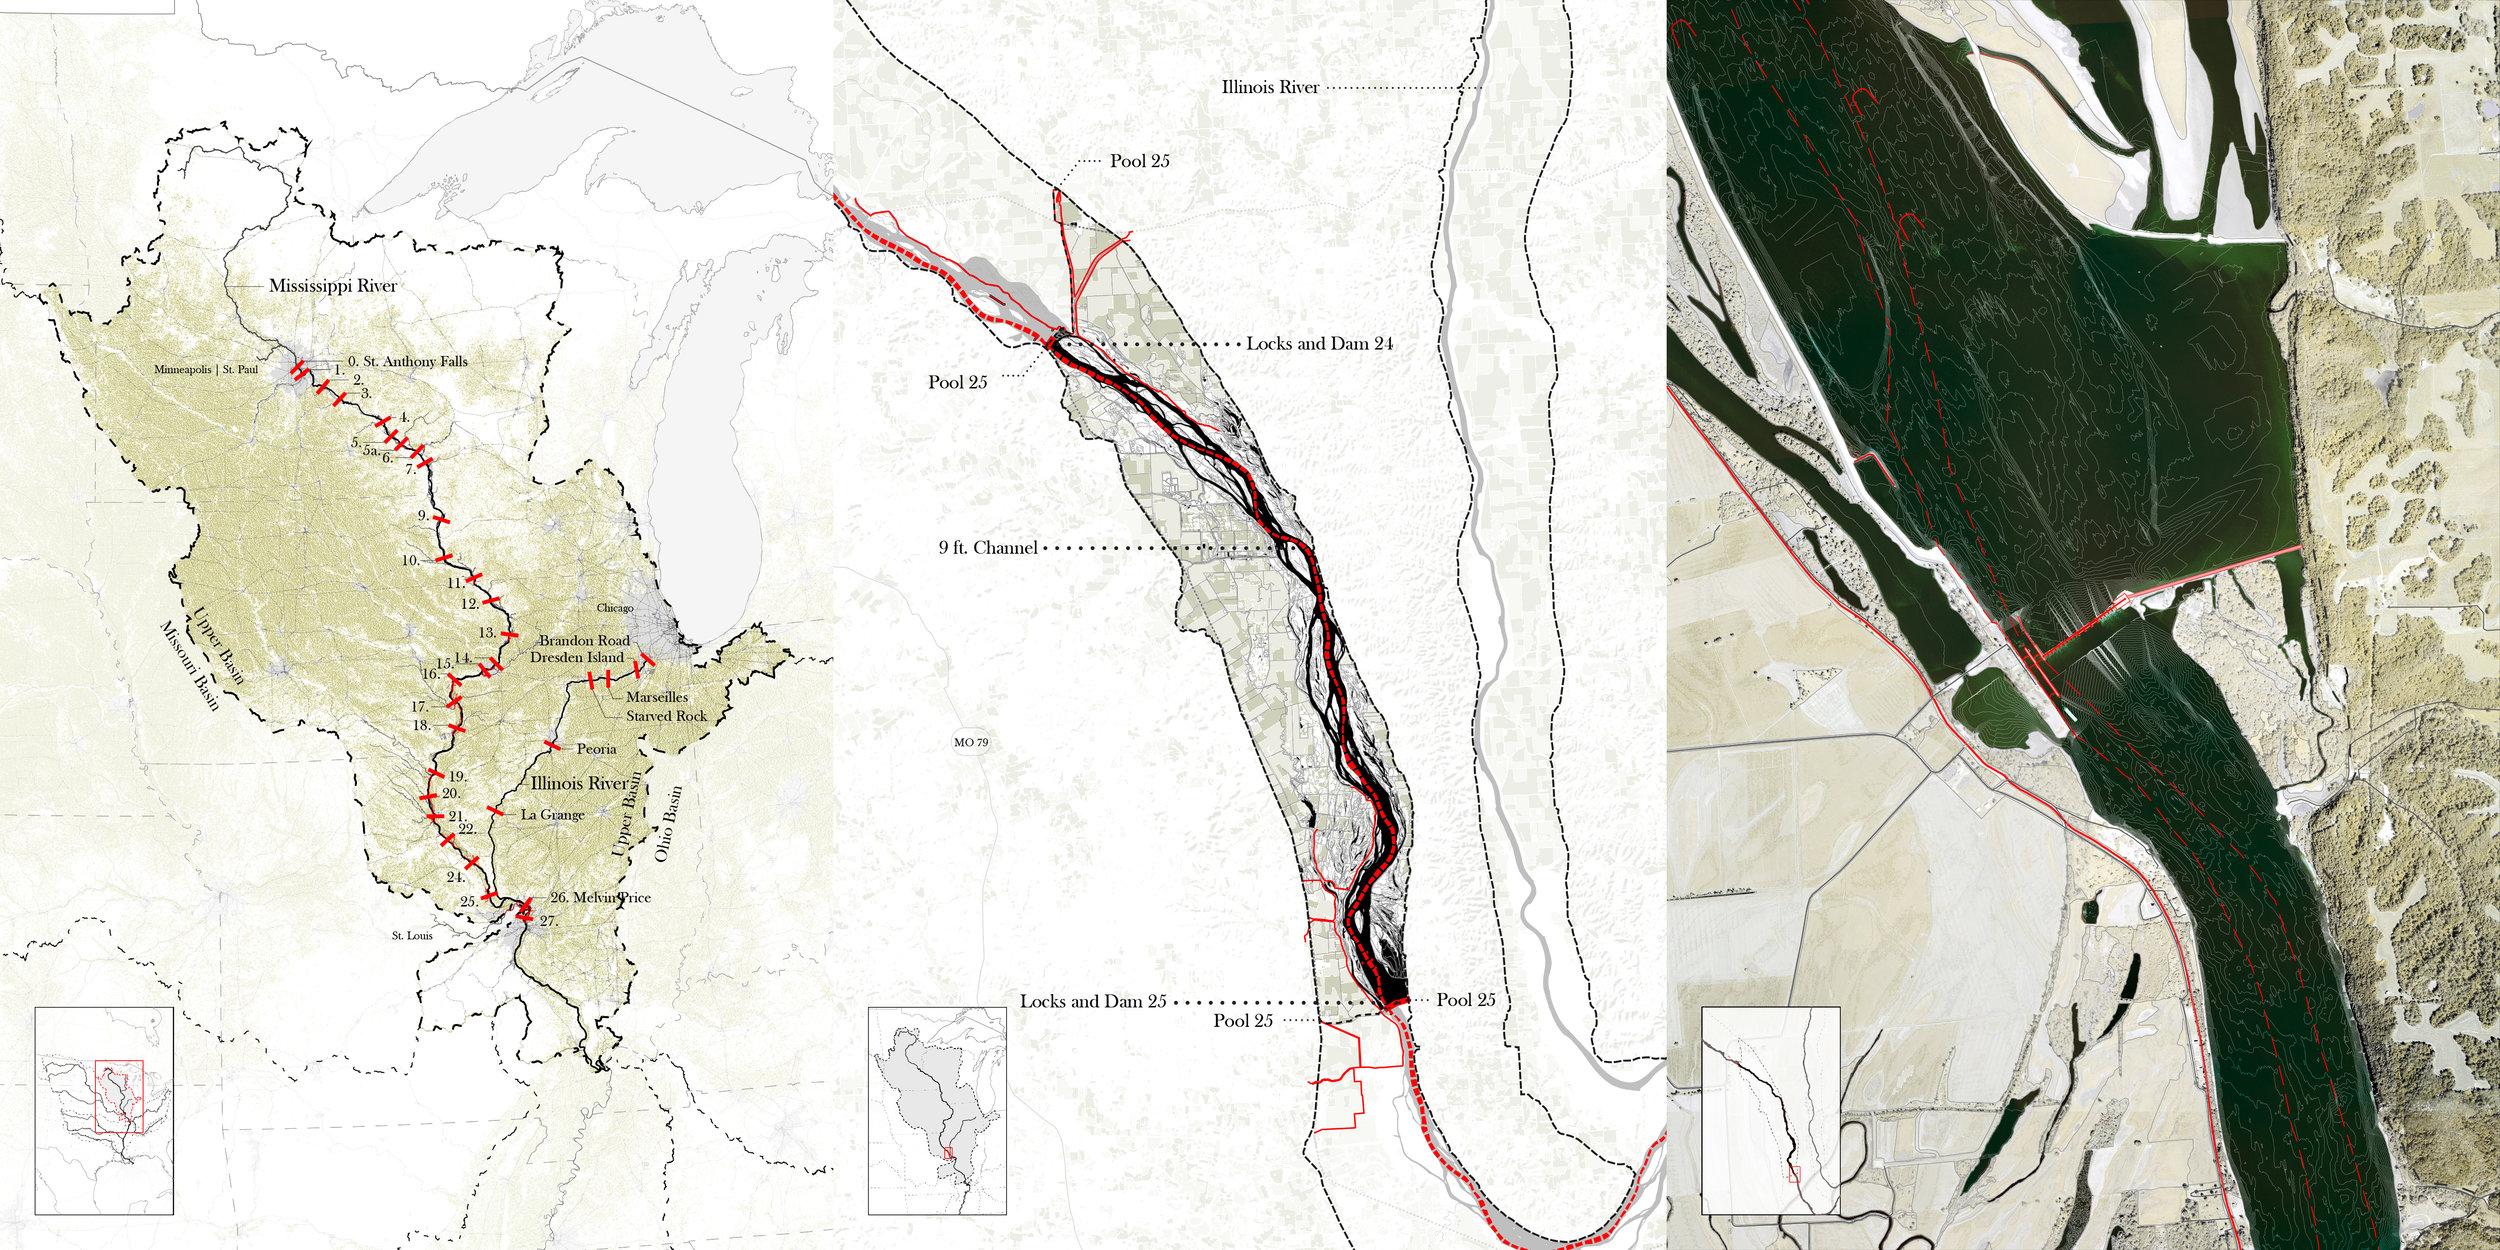 Upper_Mississippi_Locks_Dams.jpg